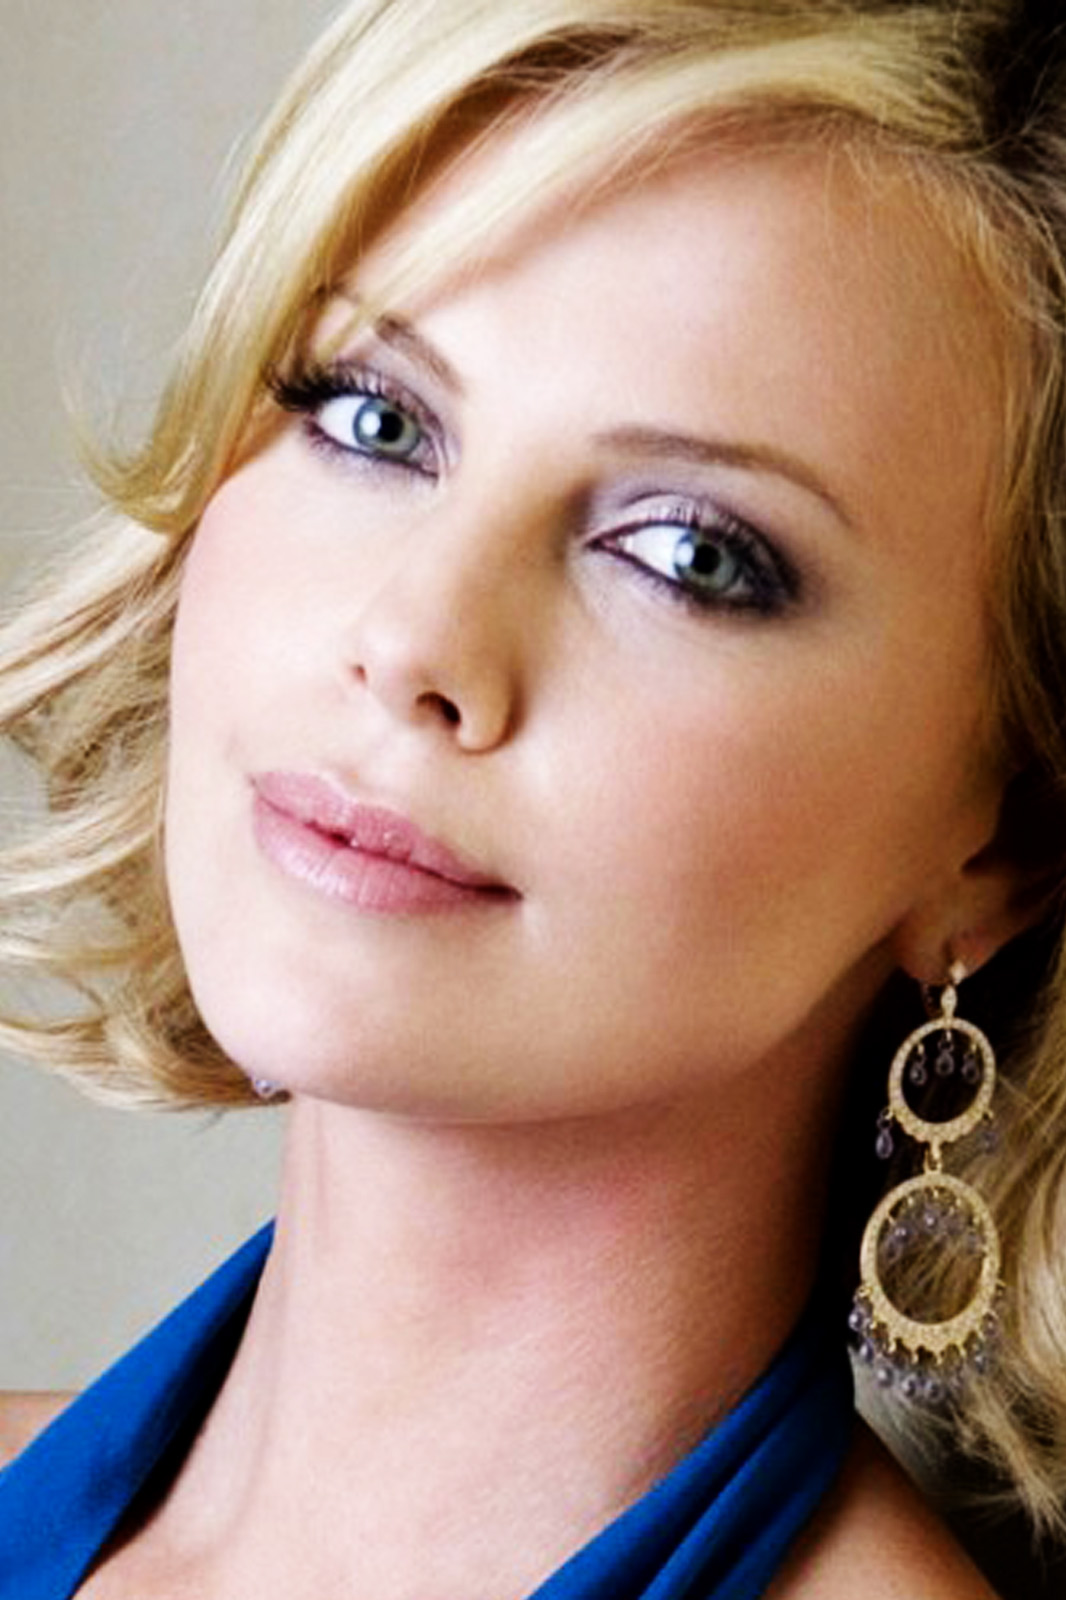 http://2.bp.blogspot.com/-Y7O7vMMctuo/UAF5IfqxMTI/AAAAAAAAA3U/tfAMmJniQ_g/s1600/Charlize-Theron-Biography-2.jpg